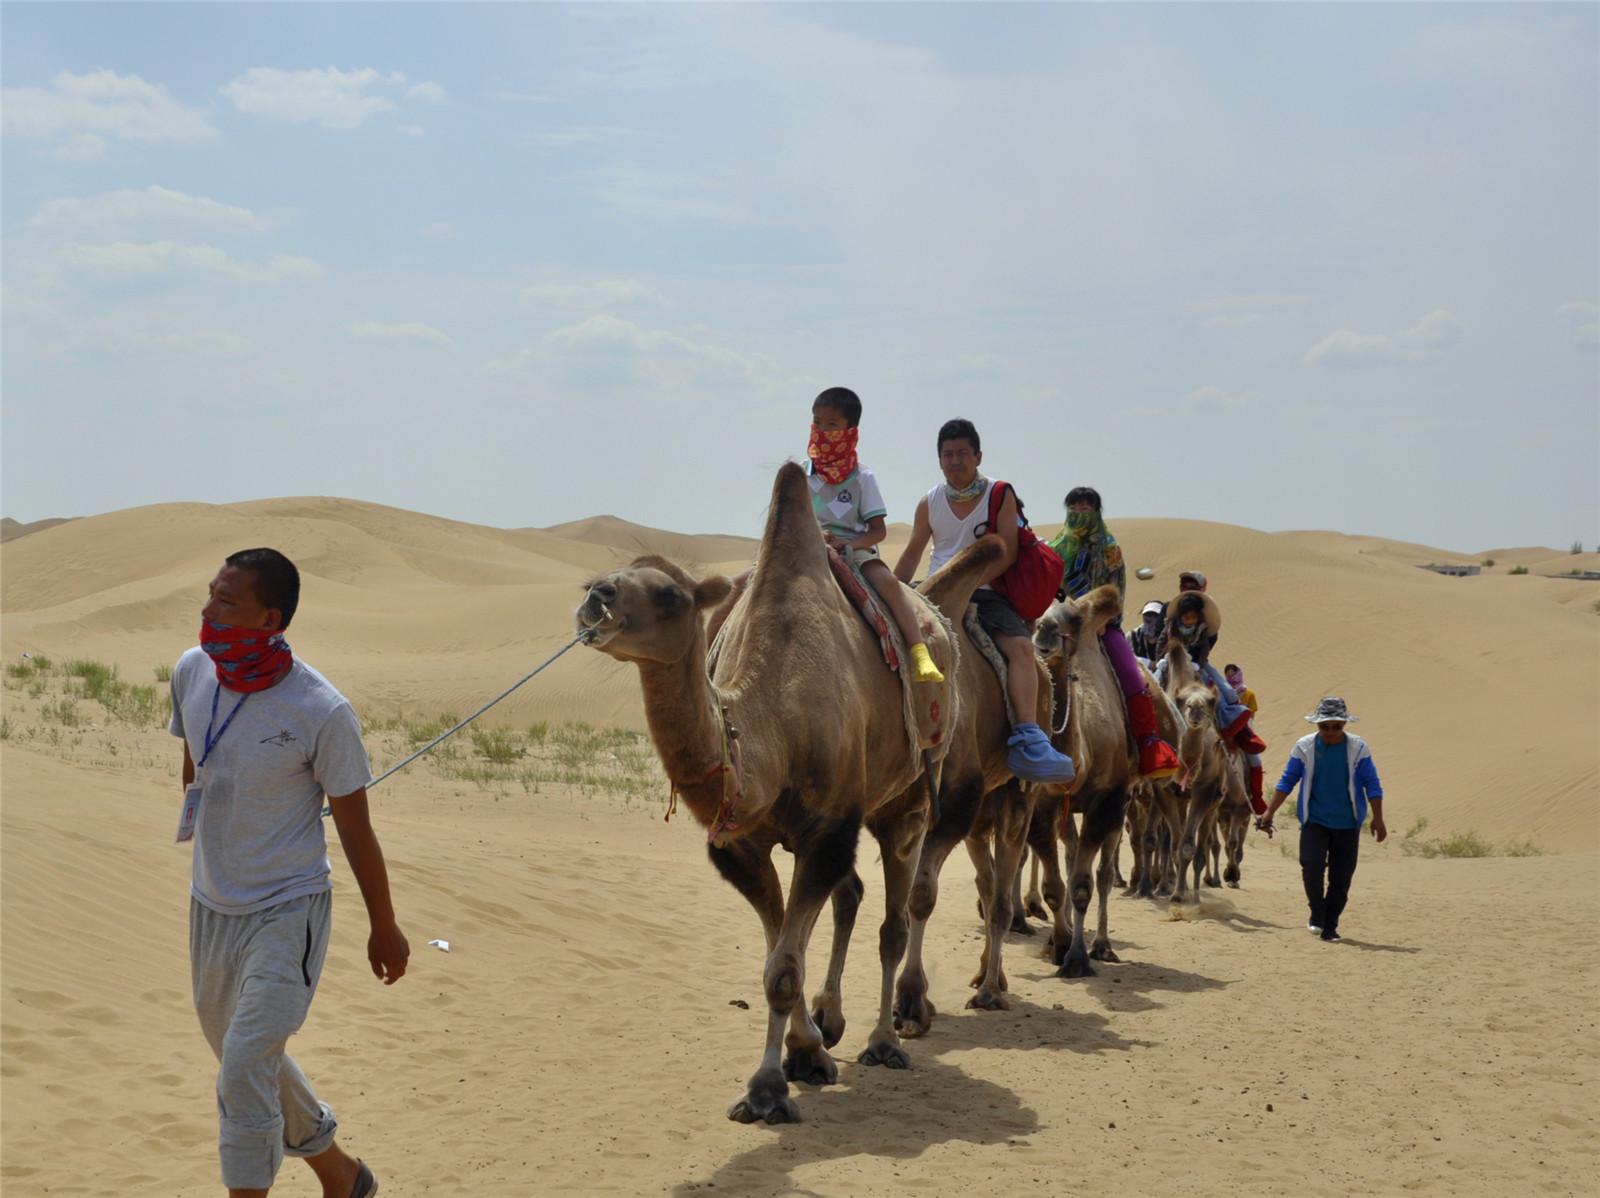 内蒙古掠影巍巍壮观的库不齐沙漠之三-沙漠之